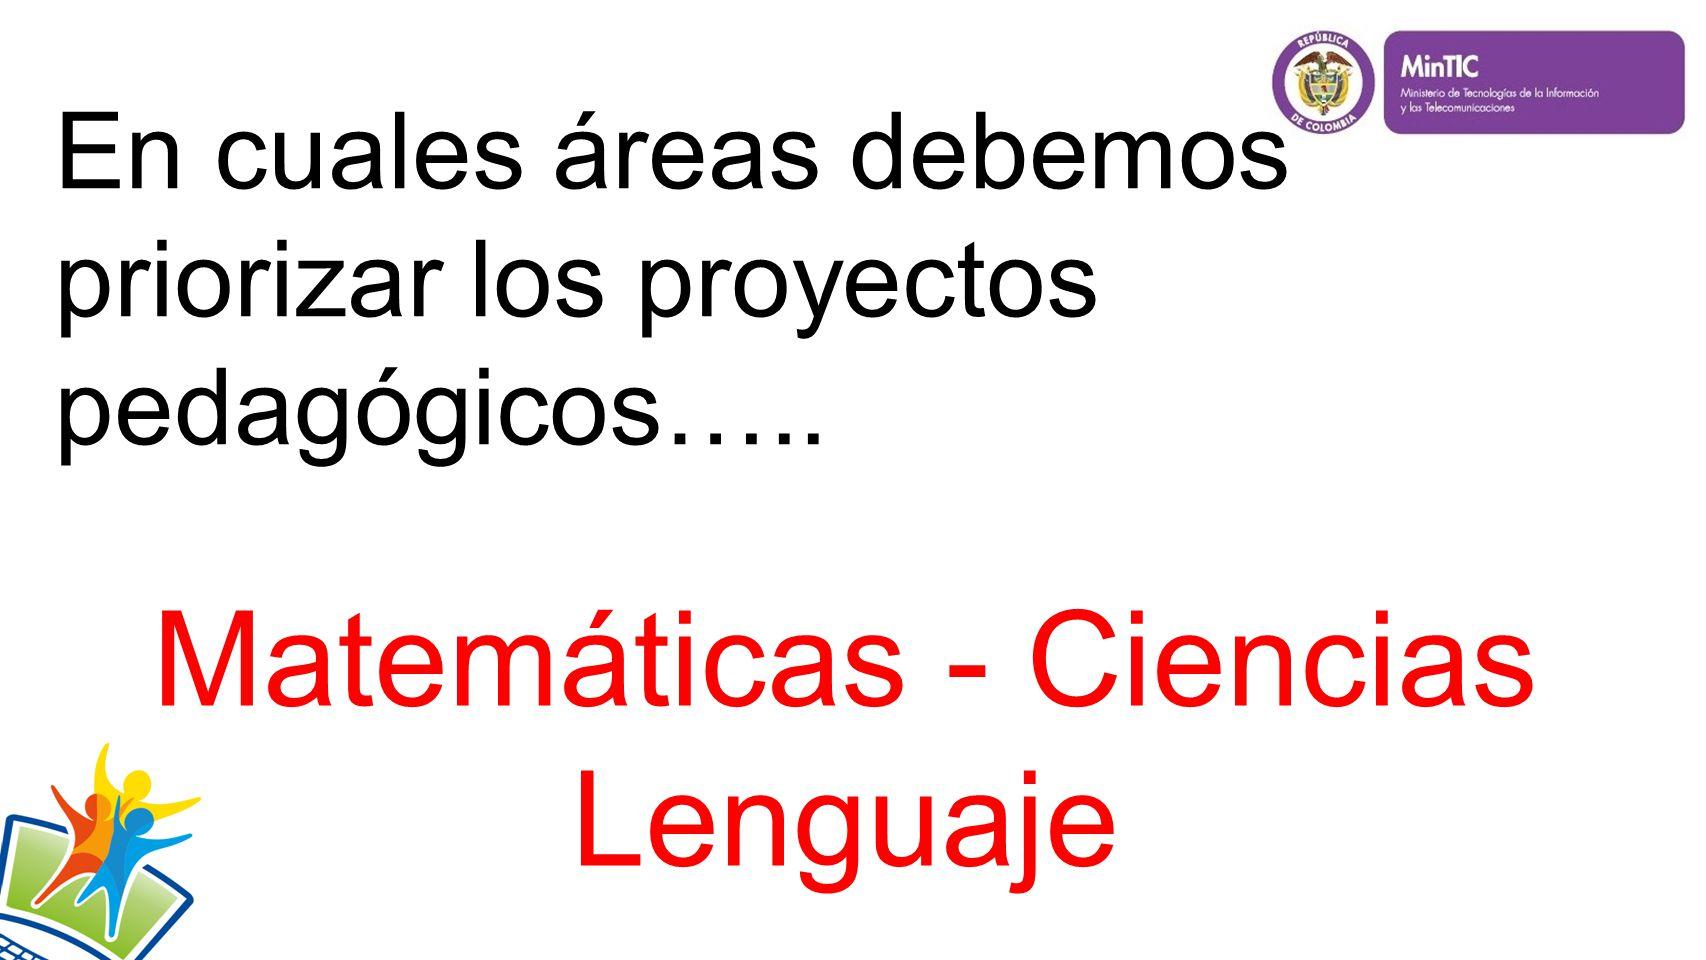 En cuales áreas debemos priorizar los proyectos pedagógicos….. Matemáticas - Ciencias Lenguaje